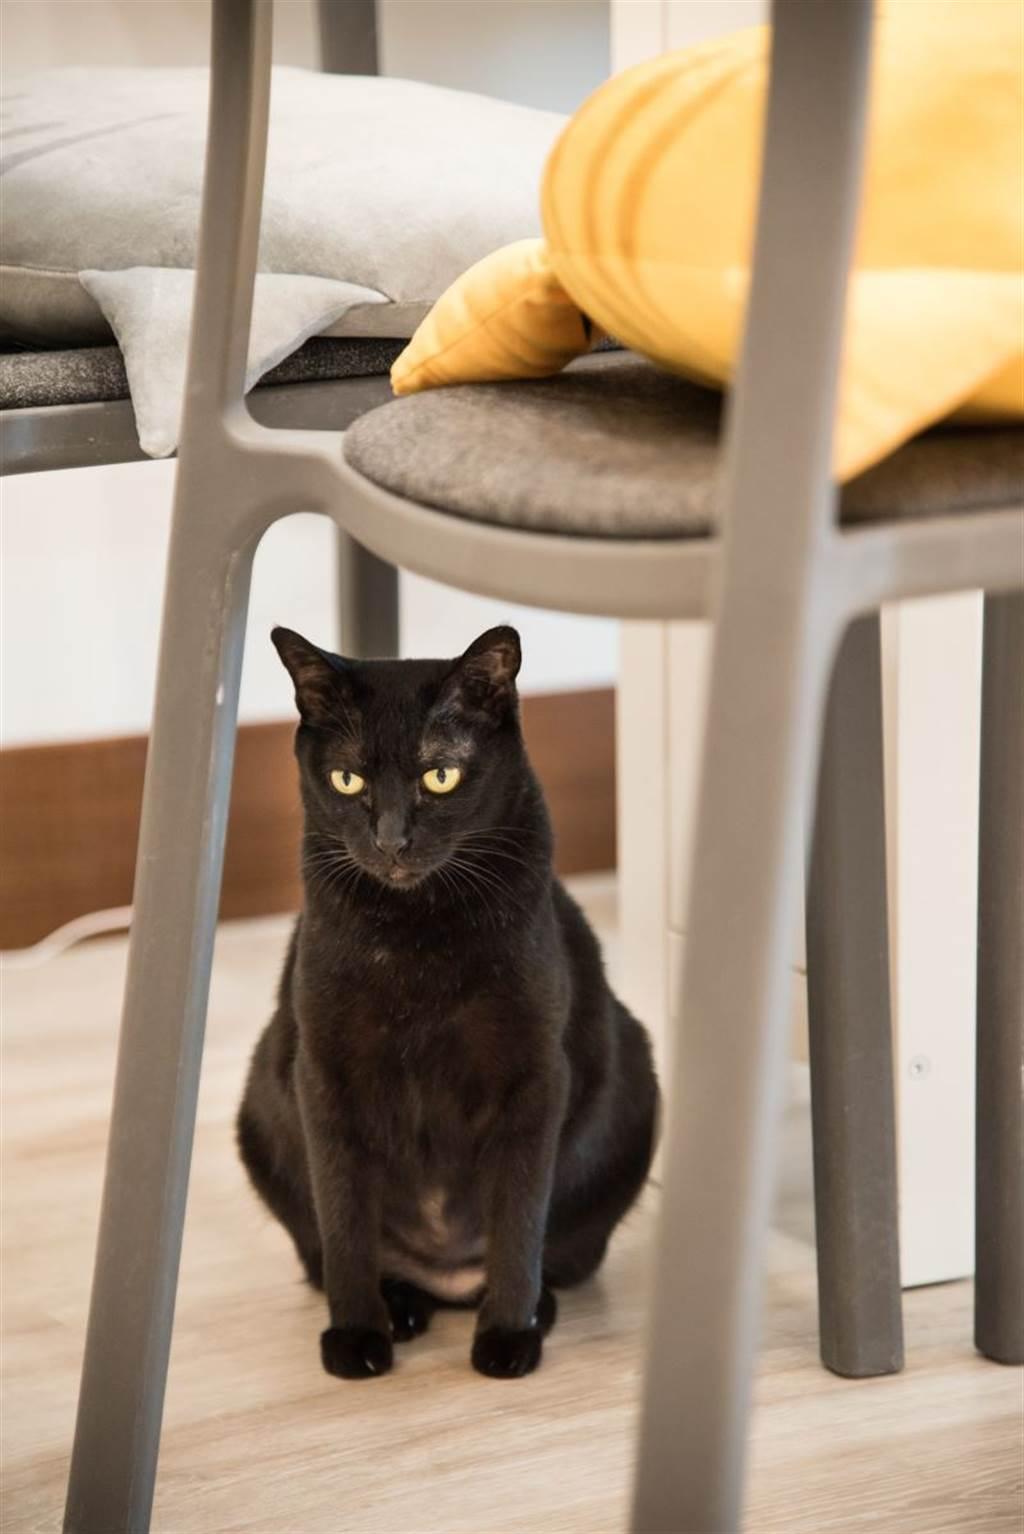 客廳成為Socles和小花的地盤,兩隻淑女型的貓咪輕巧自在的生活在其中,Socles在也不必害怕被其他公貓追逐了!